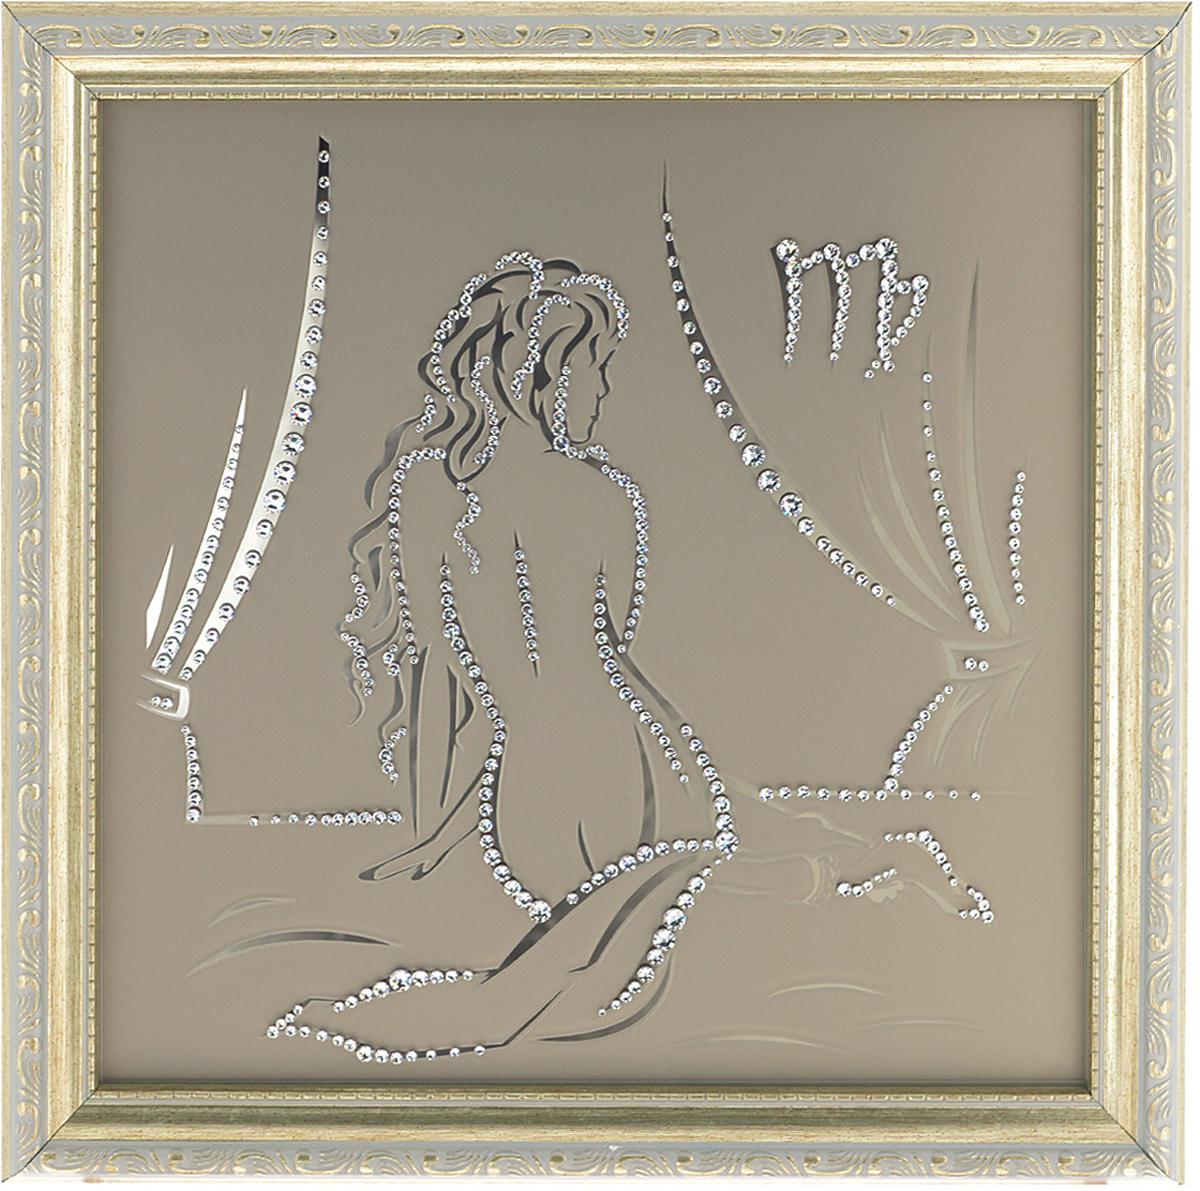 Картина с кристаллами Swarovski Знак зодиака. Дева, 35 х 35 см1137Изящная картина в багетной раме Знак зодиака. Дева инкрустирована кристаллами Swarovski, которые отличаются четкой и ровной огранкой, ярким блеском и чистотой цвета. Идеально подобранная палитра кристаллов прекрасно дополняет картину. С задней стороны изделие оснащено проволокой для размещения на стене. Картина с кристаллами Swarovski элегантно украсит интерьер дома, а также станет прекрасным подарком, который обязательно понравится получателю. Блеск кристаллов в интерьере - что может быть сказочнее и удивительнее. Изделие упаковано в подарочную картонную коробку синего цвета и комплектуется сертификатом соответствия Swarovski.